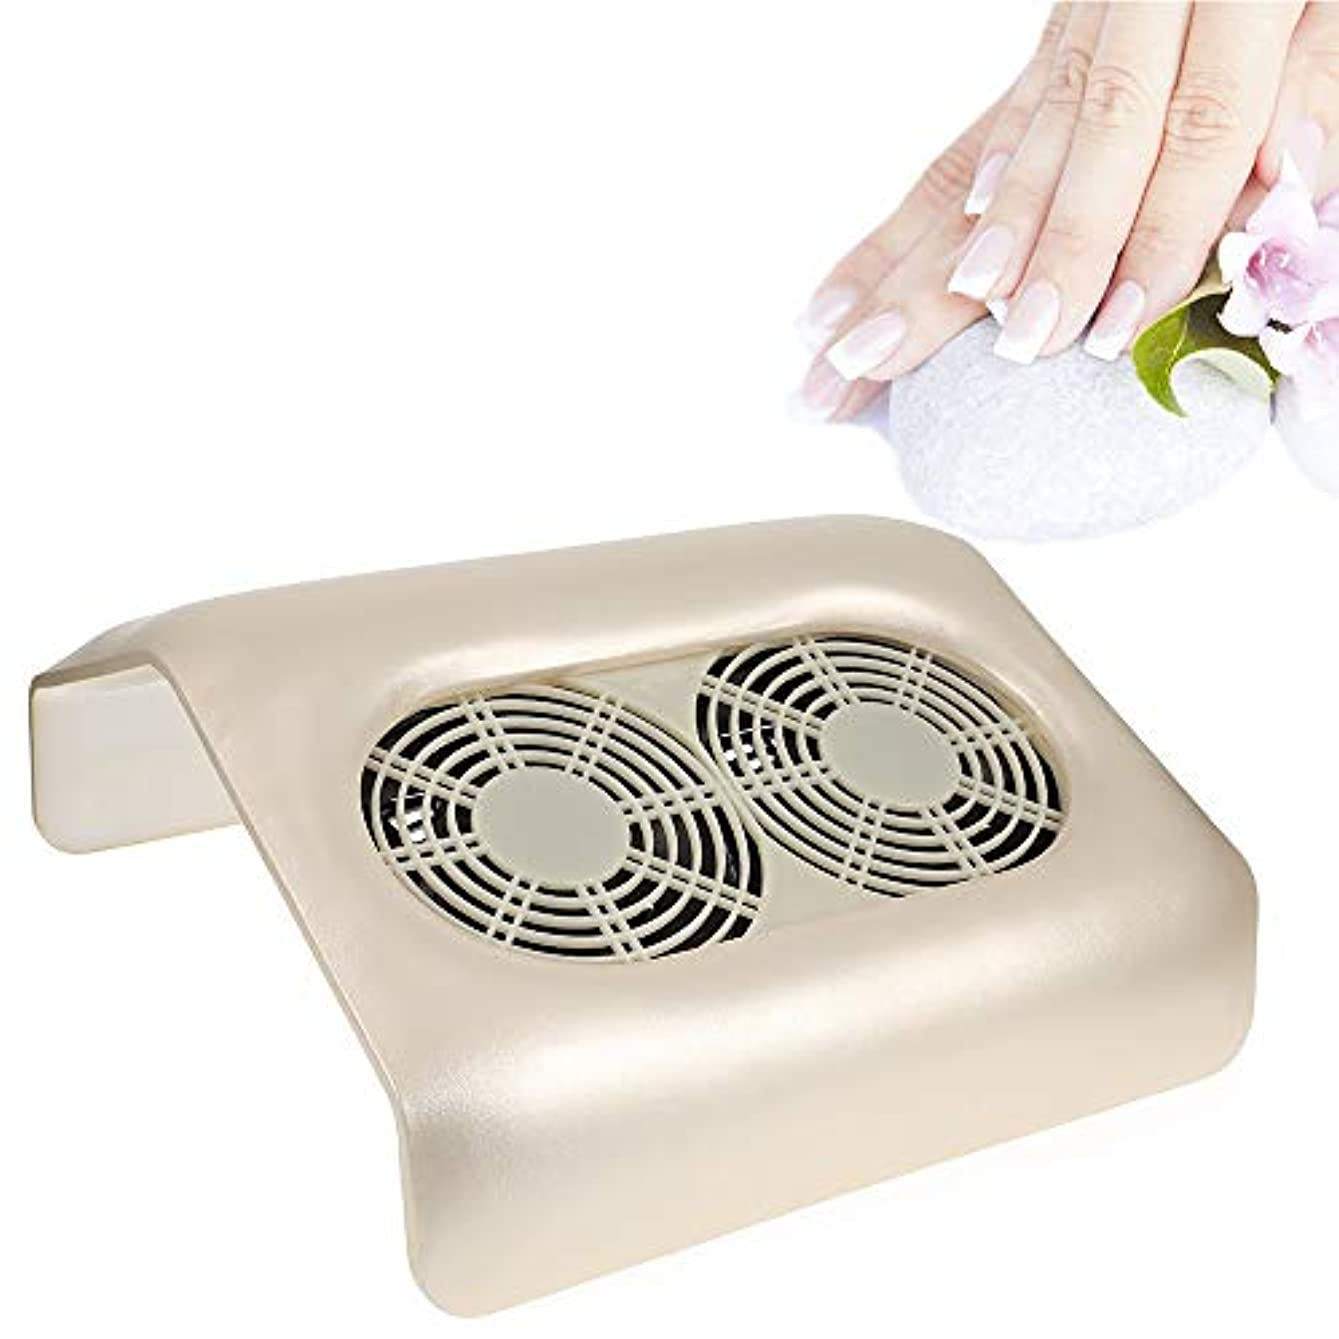 追加水を飲む受け入れた2ファンマニキュアネイルアートジェルニス研磨ダスト吸引コレクターネイルダストコレクターのための掃除機